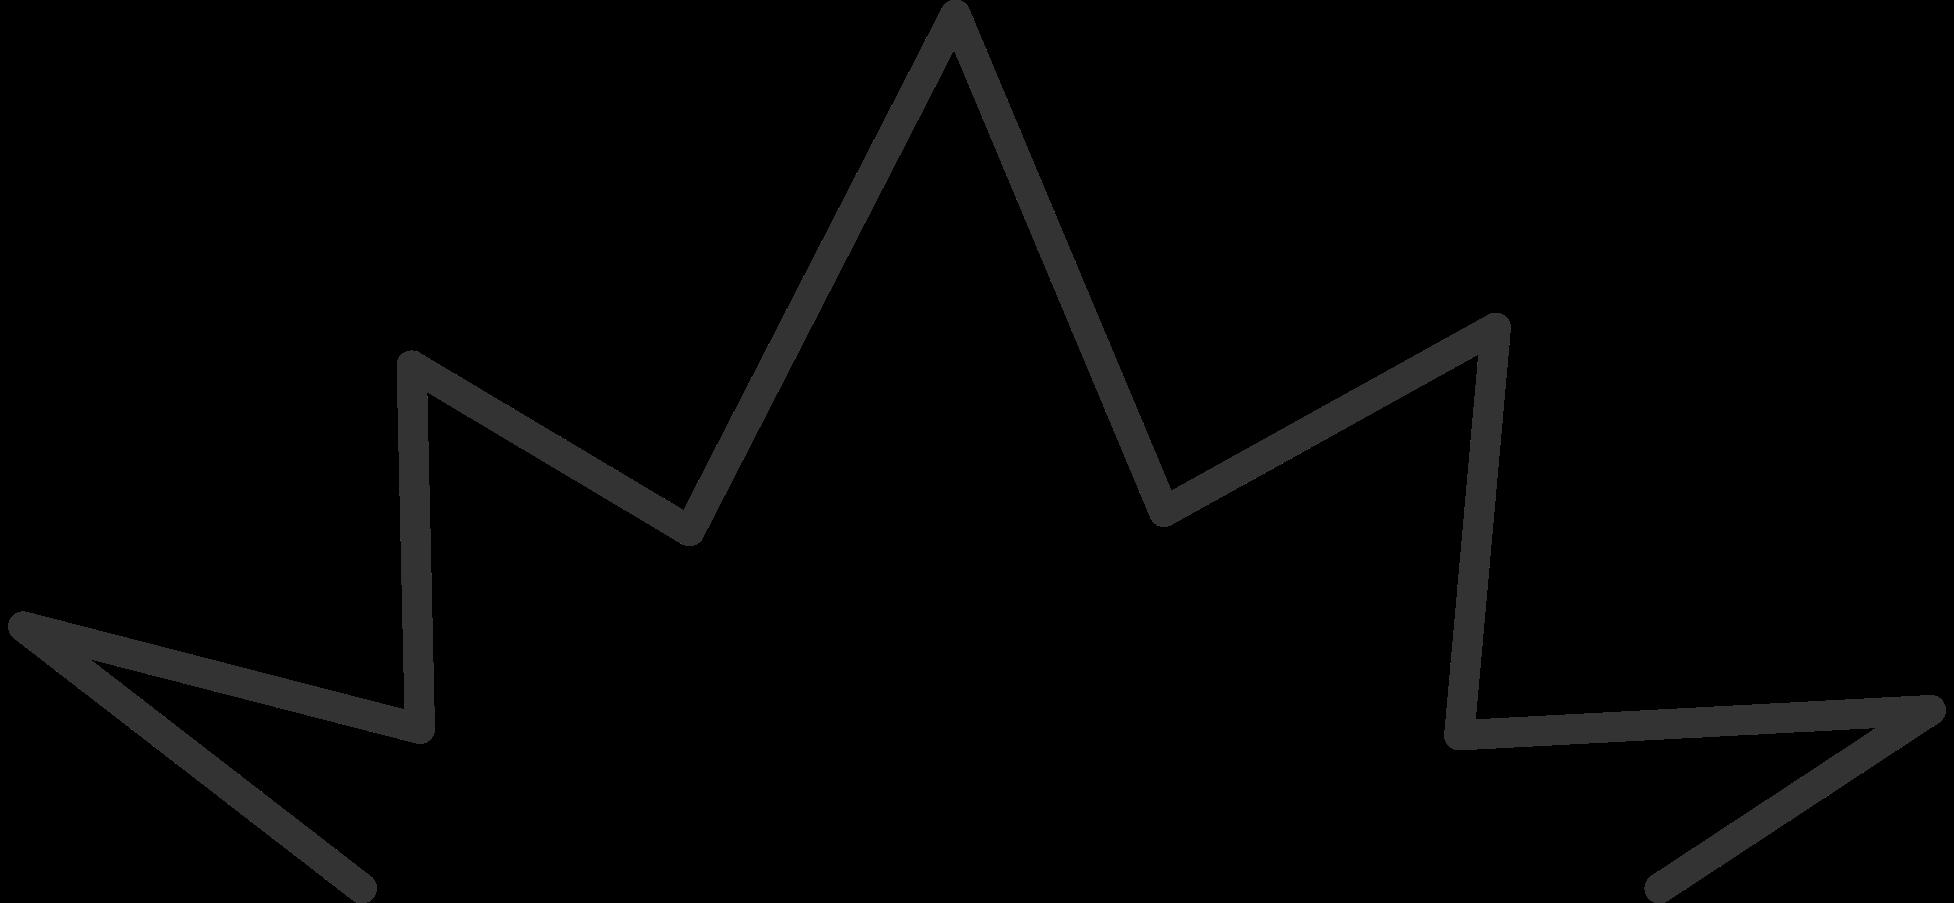 Ilustración de clipart de Línea curva en PNG, SVG